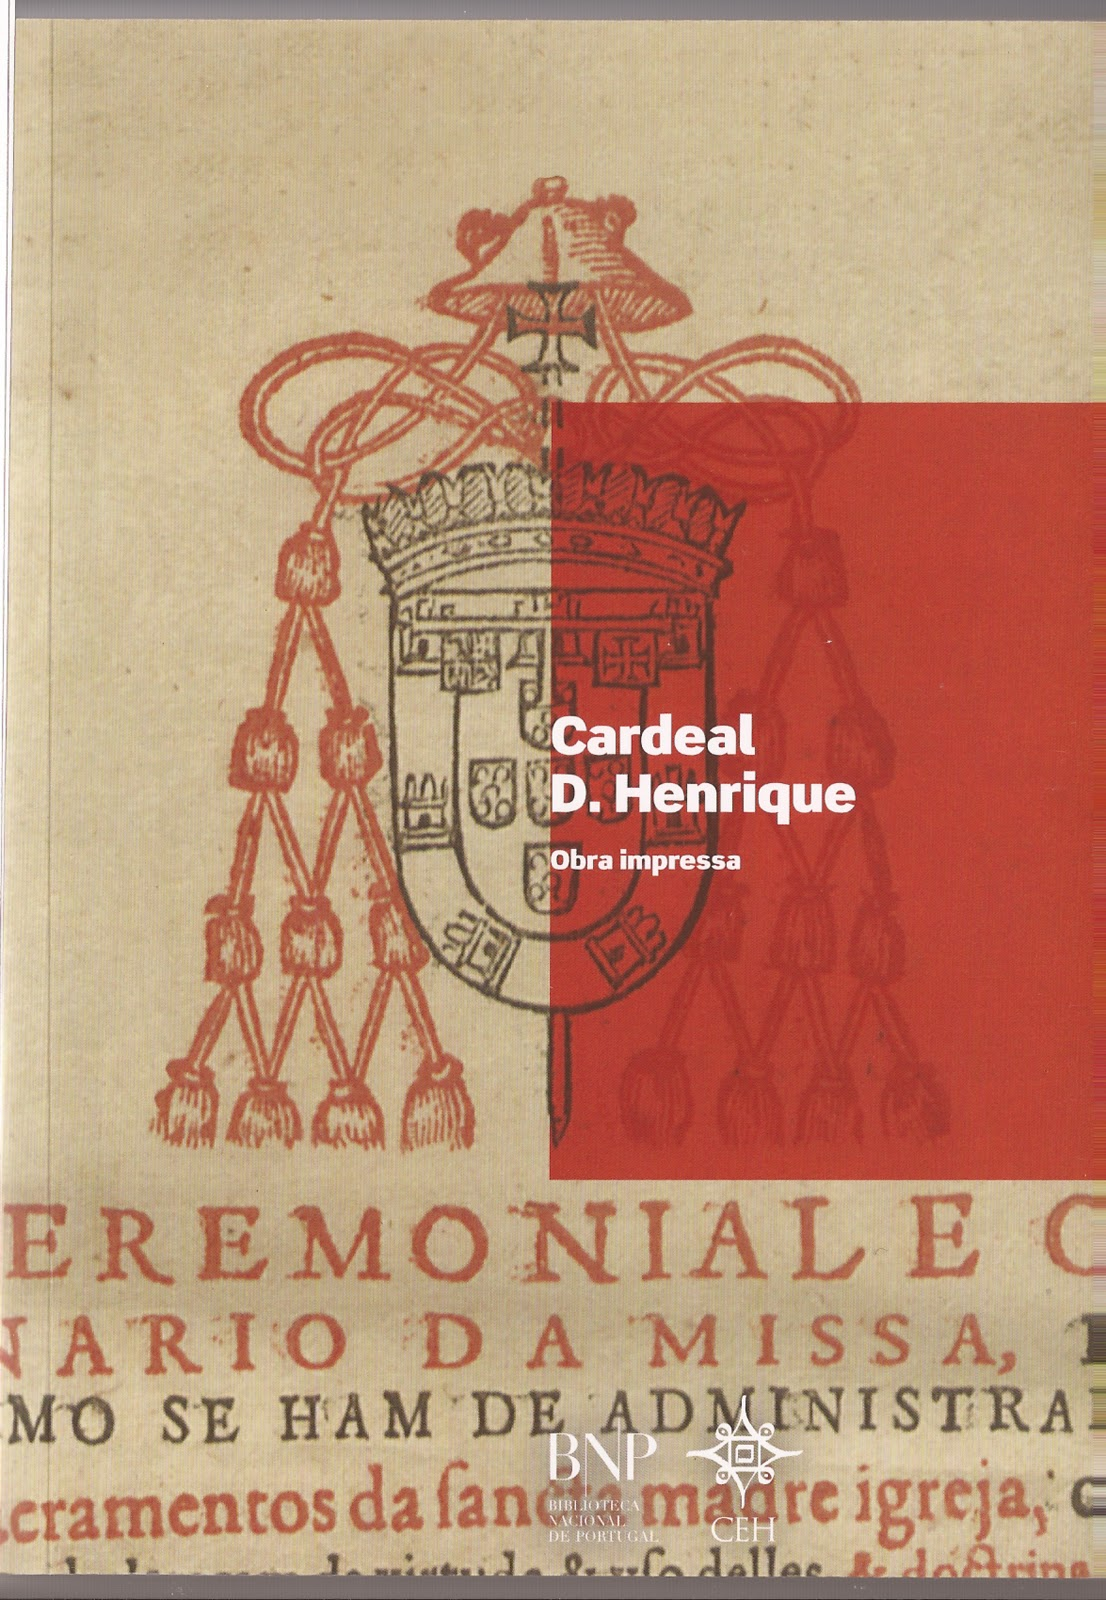 Arpose outubro 2012 a exposio dedicada obra impressa do cardeal d henrique na passagem do quinto centenrio do seu nascimento foi inaugurada hoje na biblioteca pblica fandeluxe Choice Image